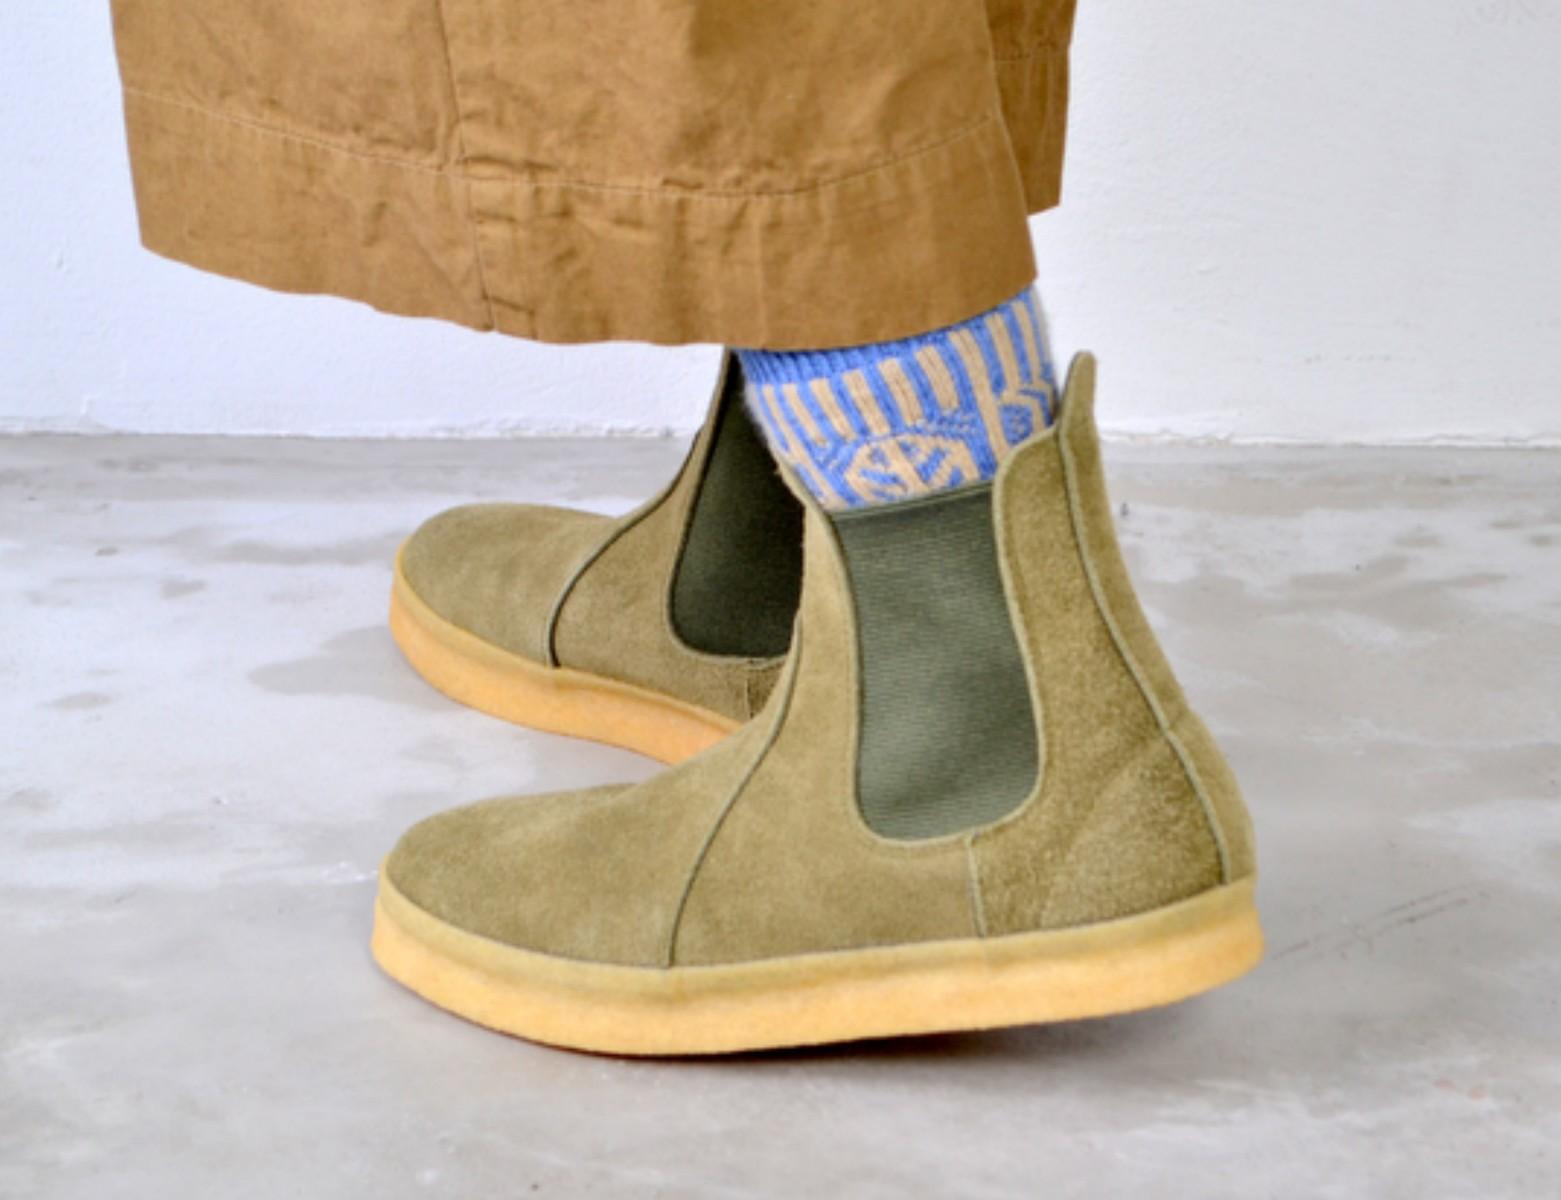 【予約アイテム】DOUBLE FOOT WEAR ダブルフットウェア Grossman グロスマン 予約アイテム 送料無料 全4色 シューズ 靴 小さいサイズ 大きいサイズ 完全受注生産 日本製 男女兼用 ユニセックス